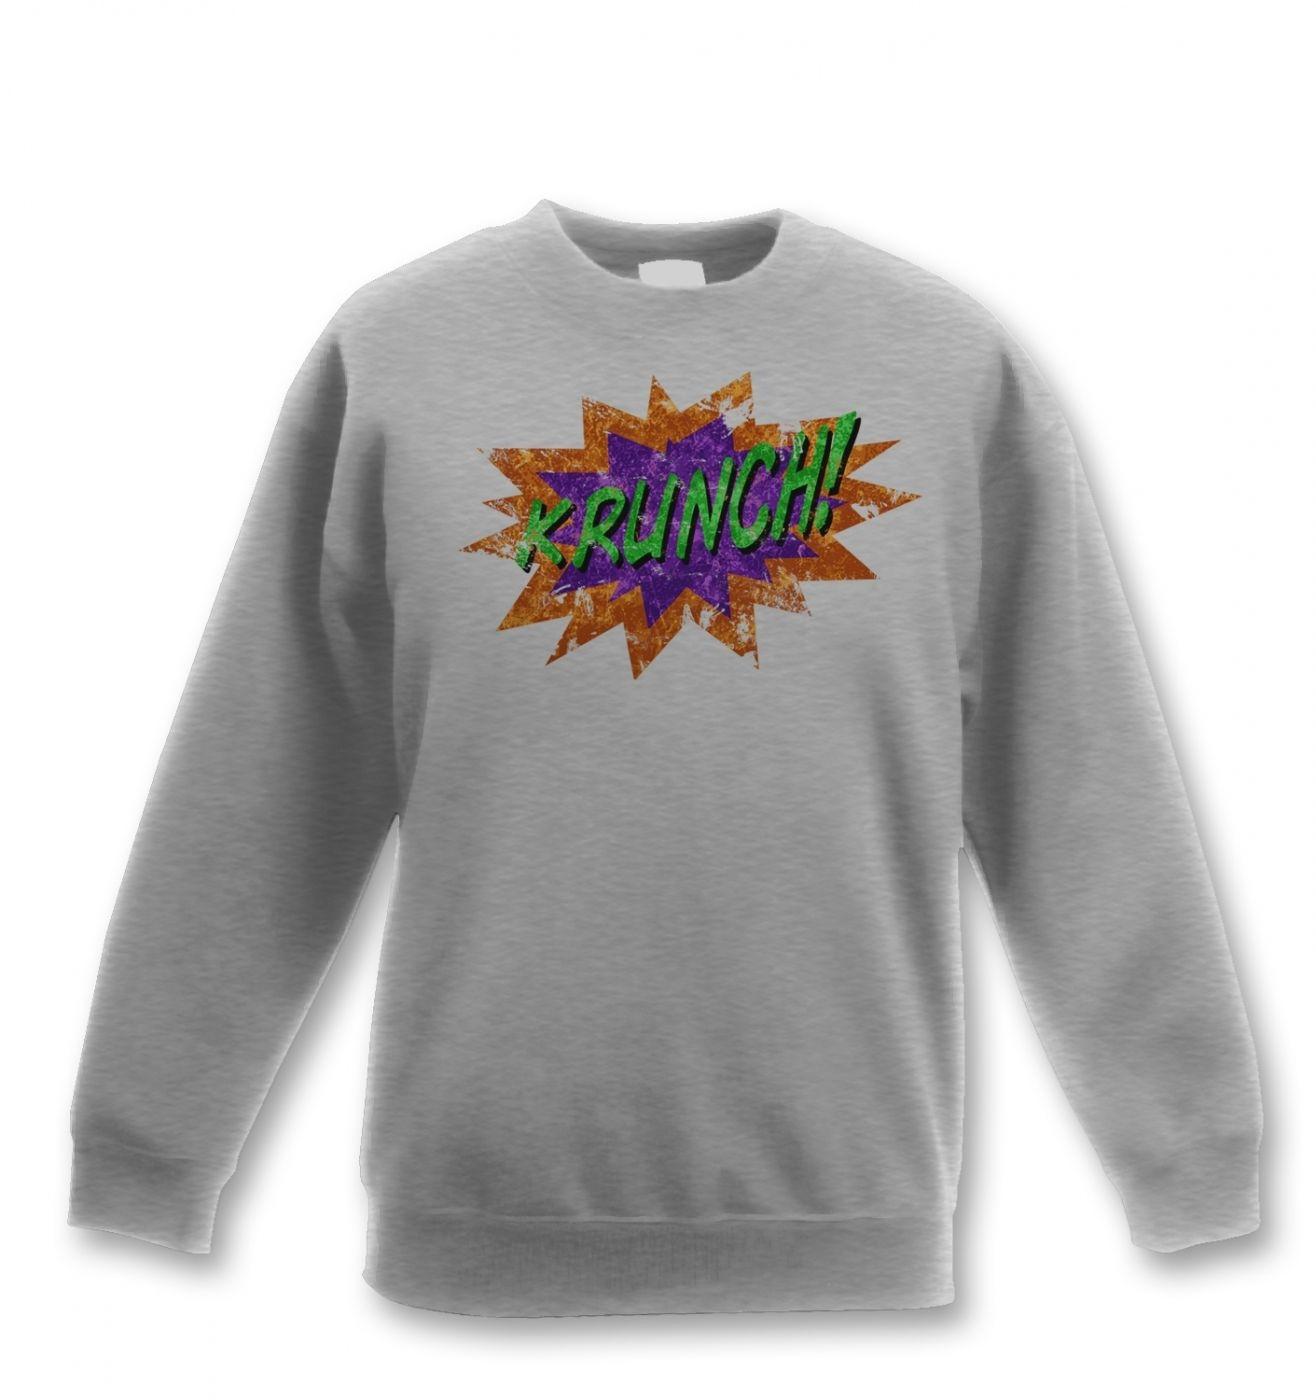 Krunch kids' sweatshirt